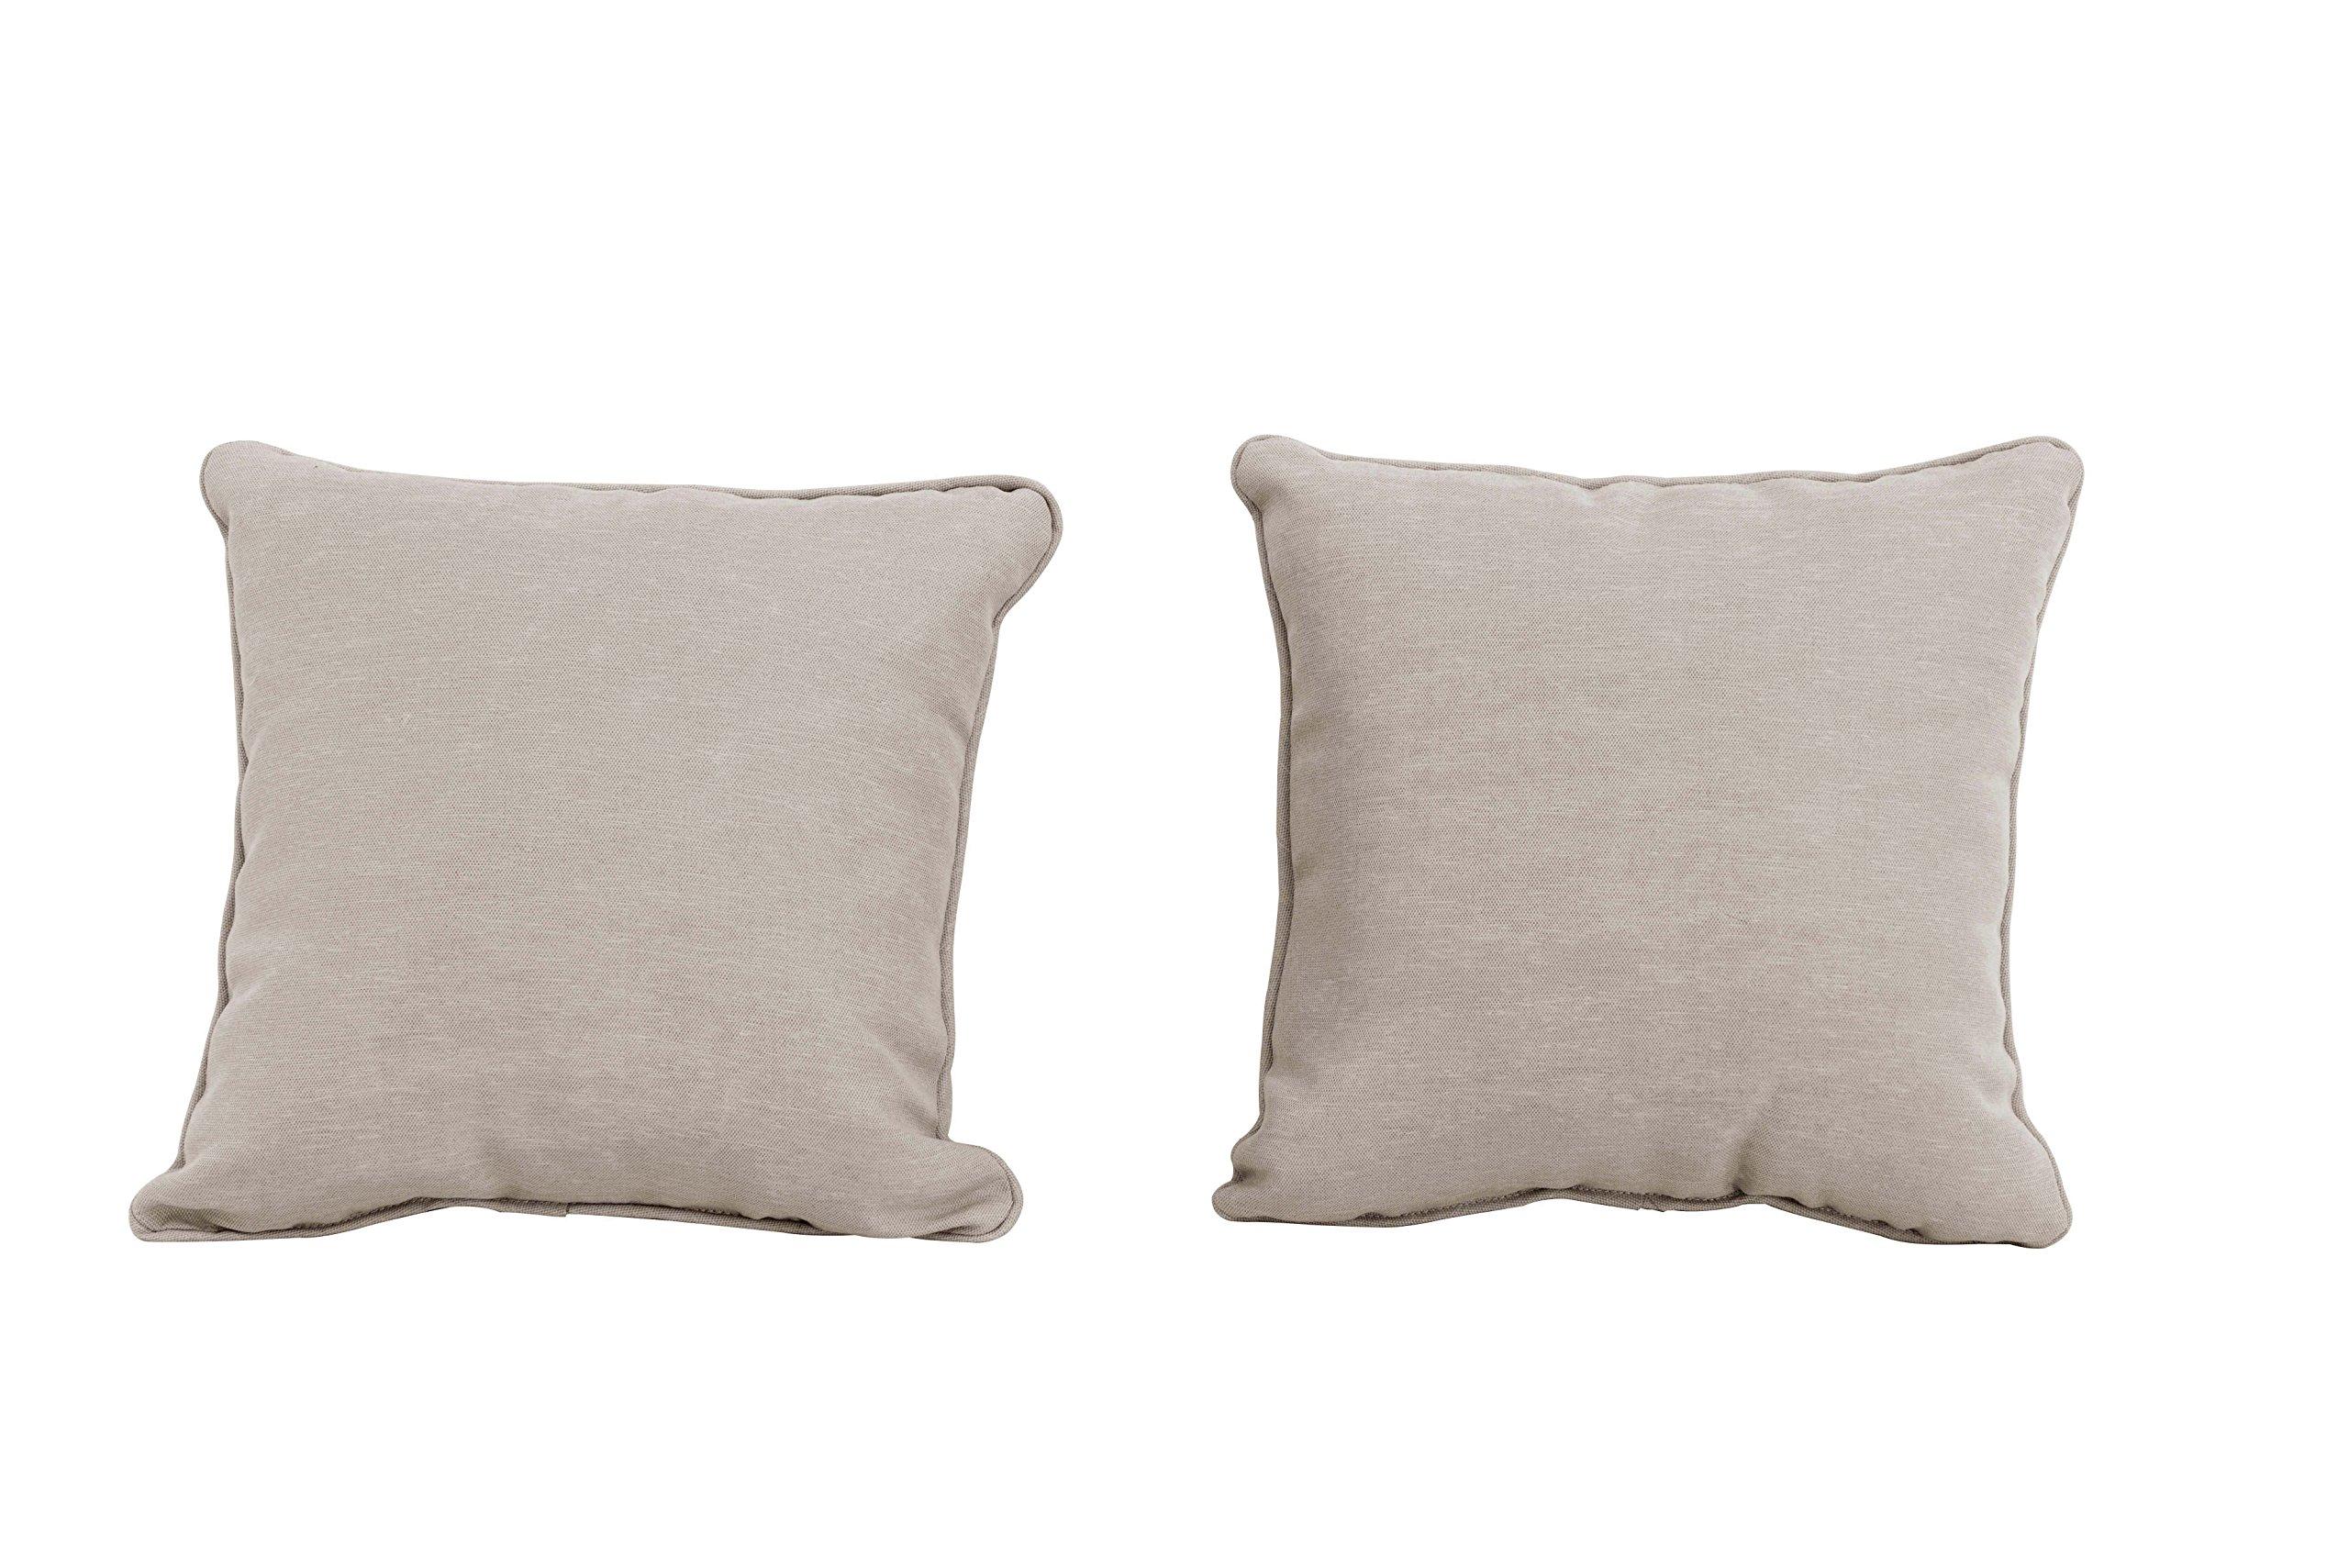 Sunjoy S-PL065PFB Outdoor Pillow, Tan by Sunjoy (Image #3)